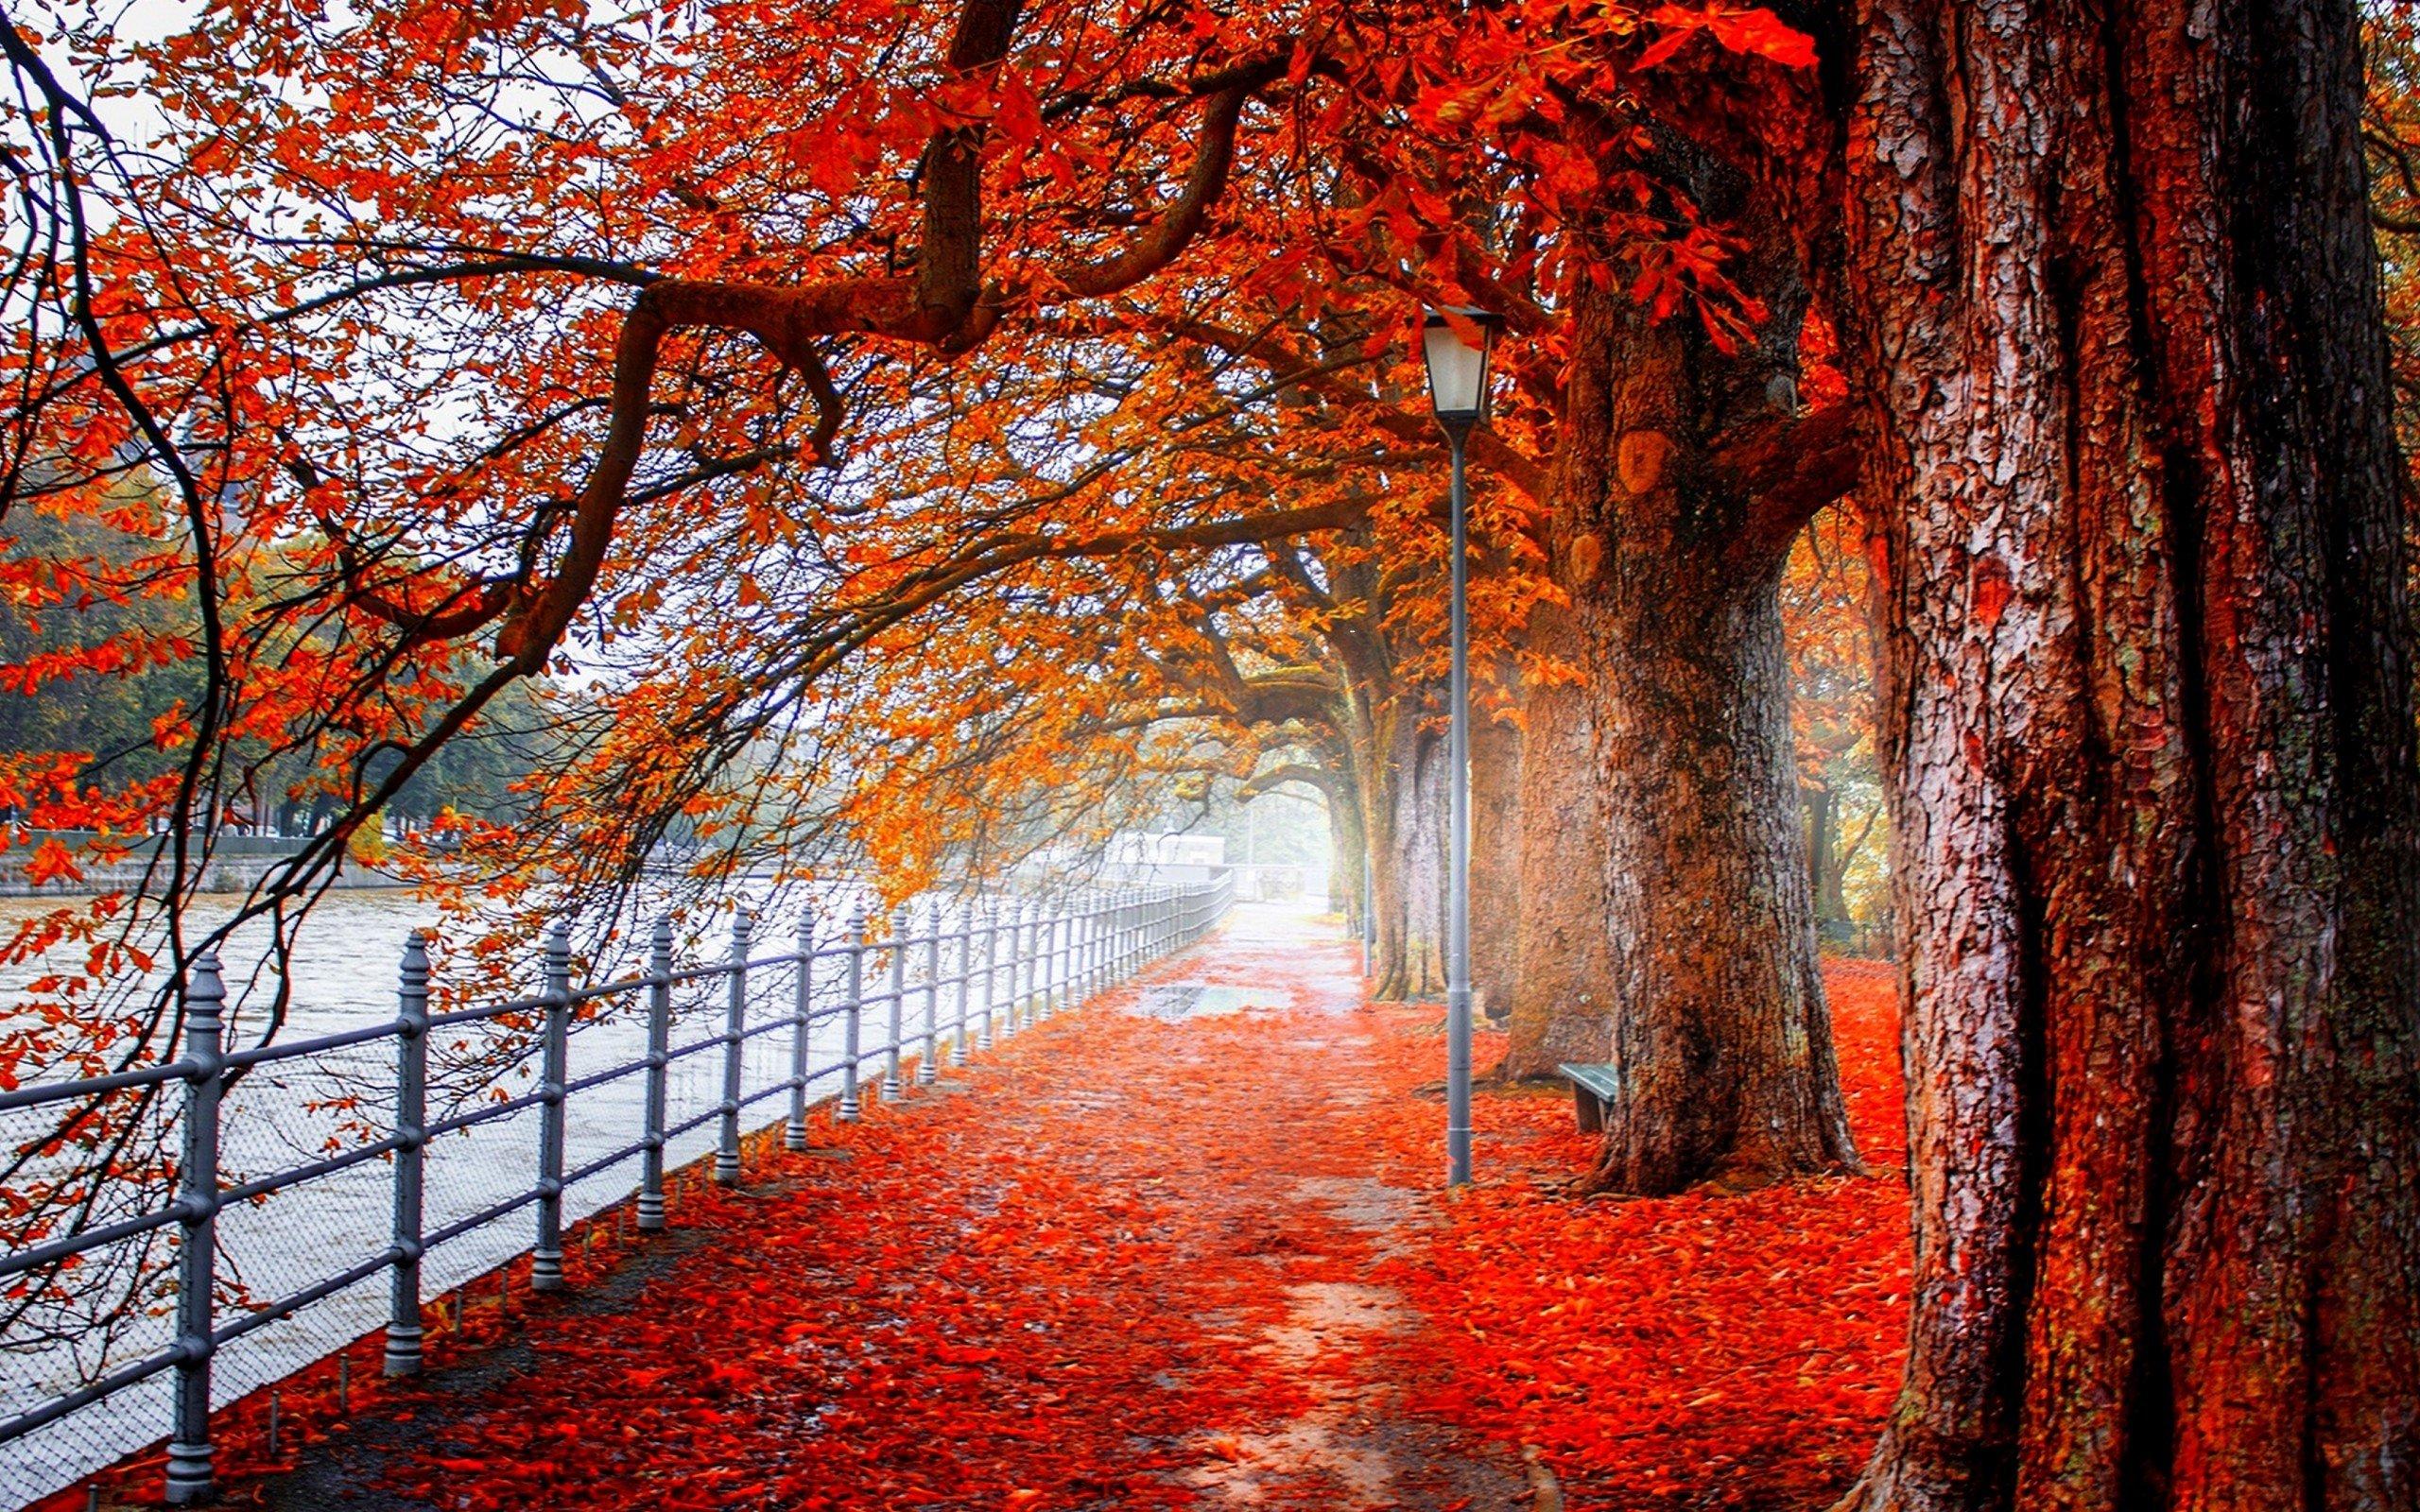 forest cover photo 8AVILj